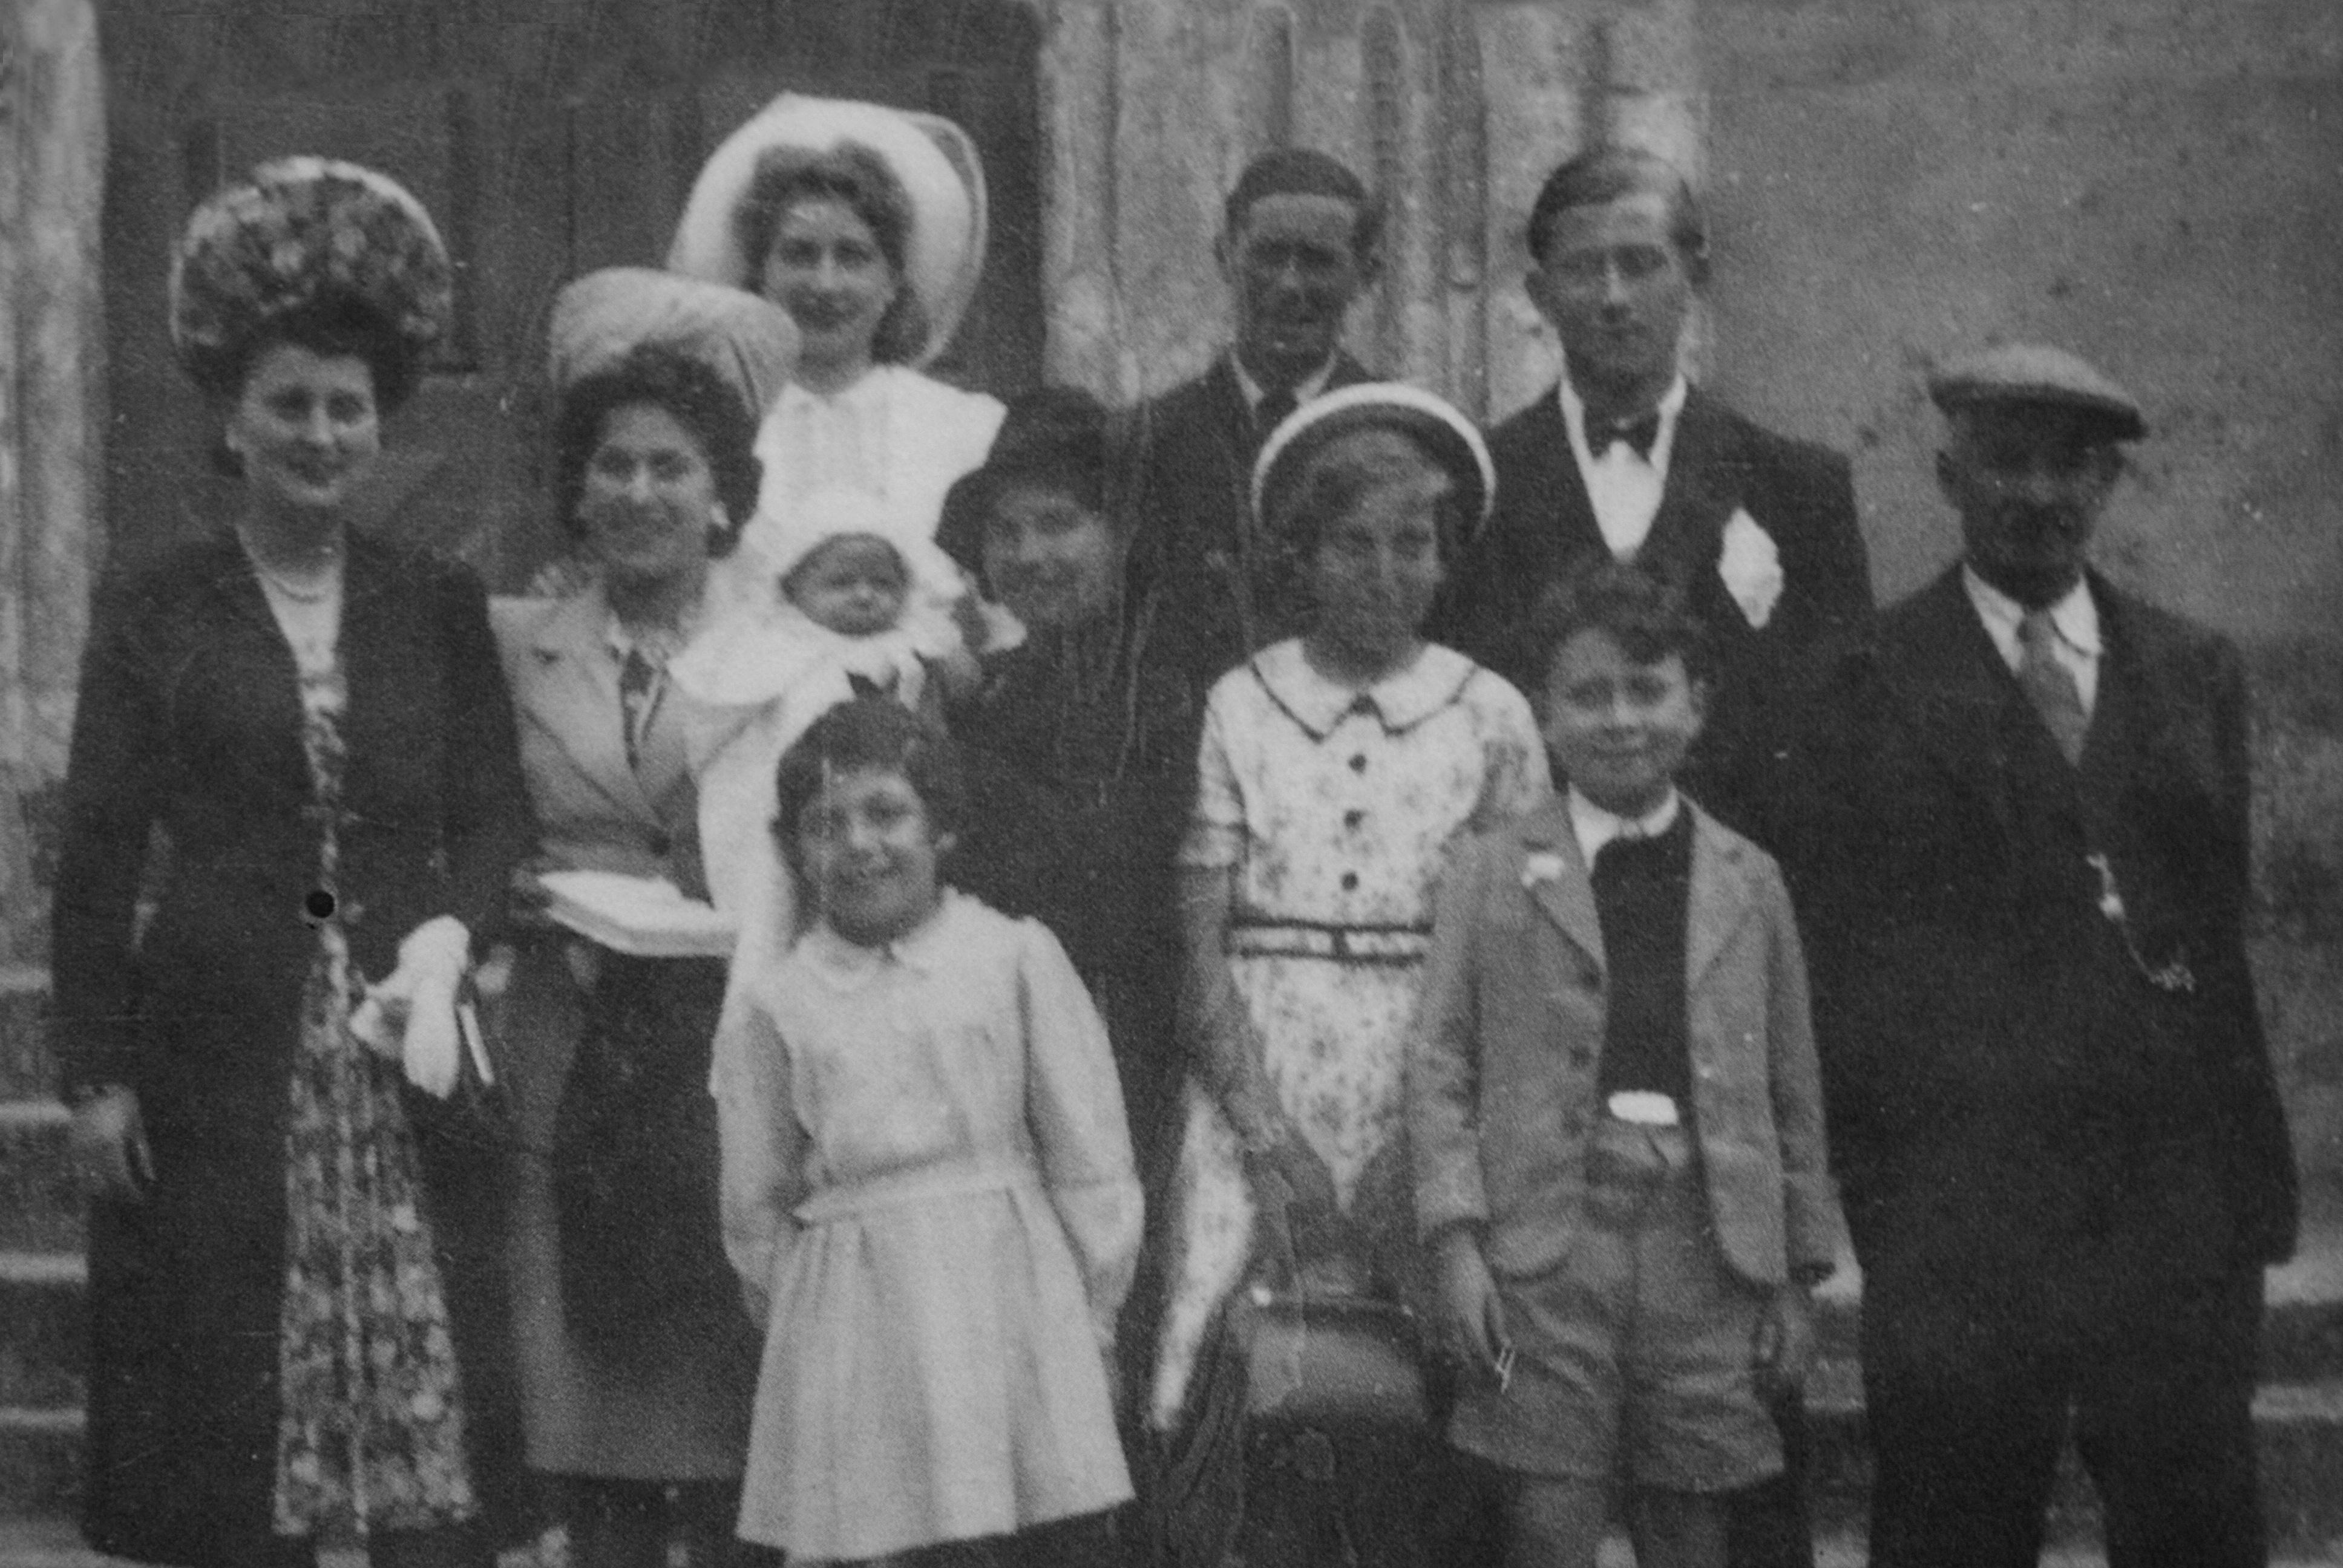 Baptême de Didier Chevrieux, Jean kac avait 10 ans